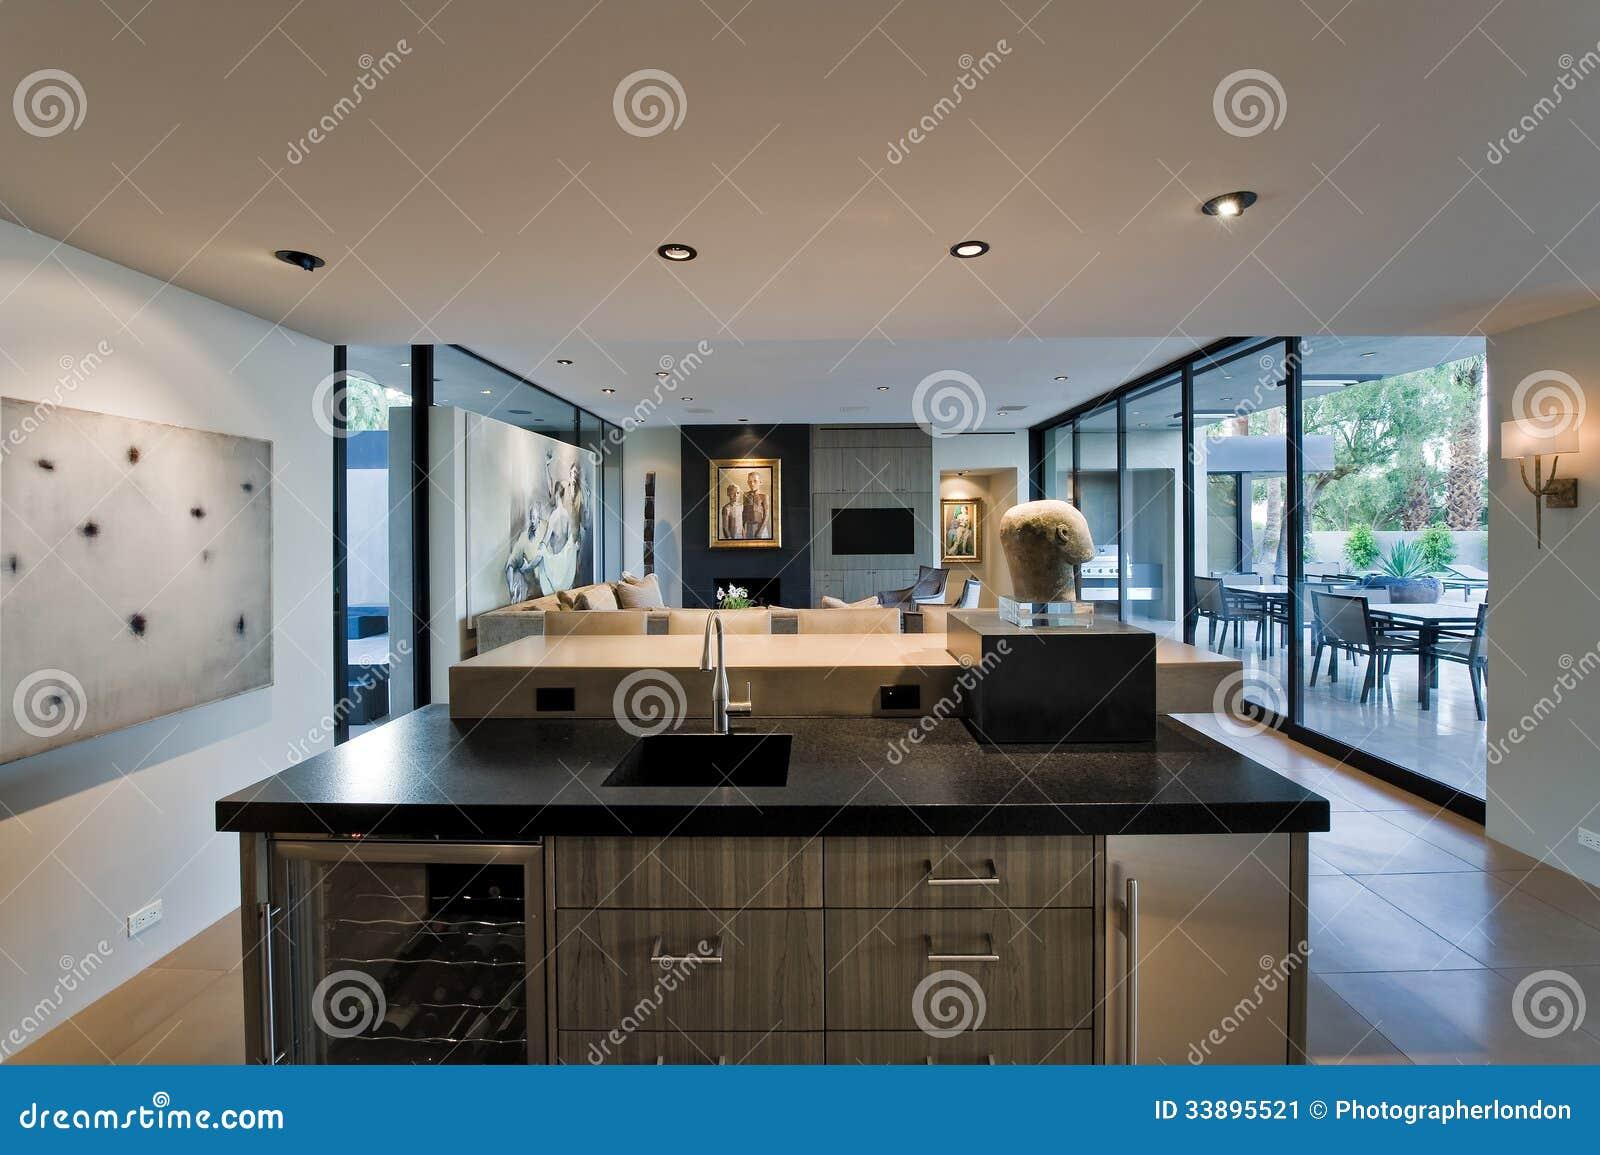 Cuisine moderne avec le salon et le porche derri re image for Salon cuisine moderne